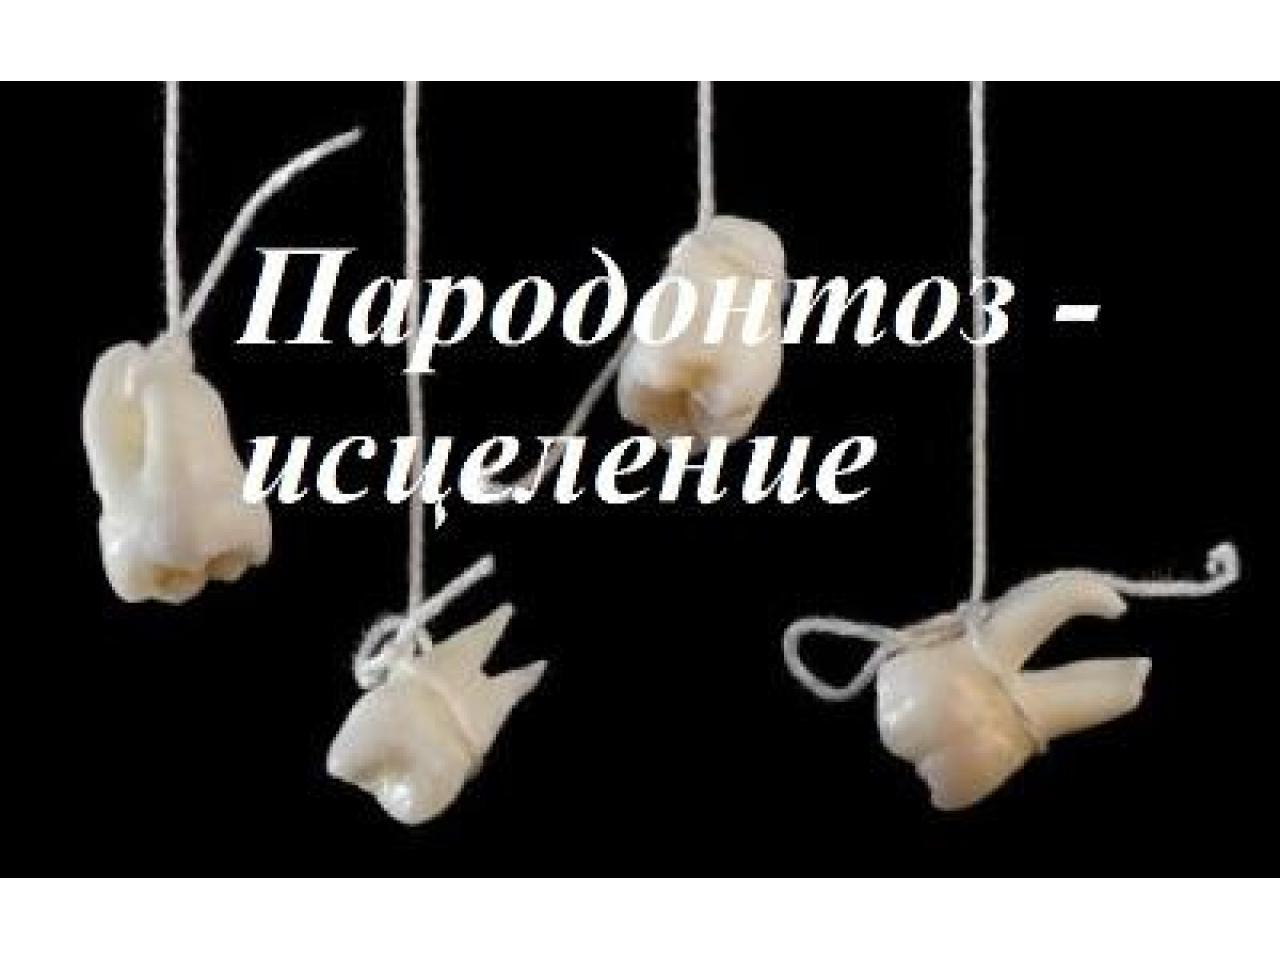 Пародонтоз - уникальный метод исцеления - 1